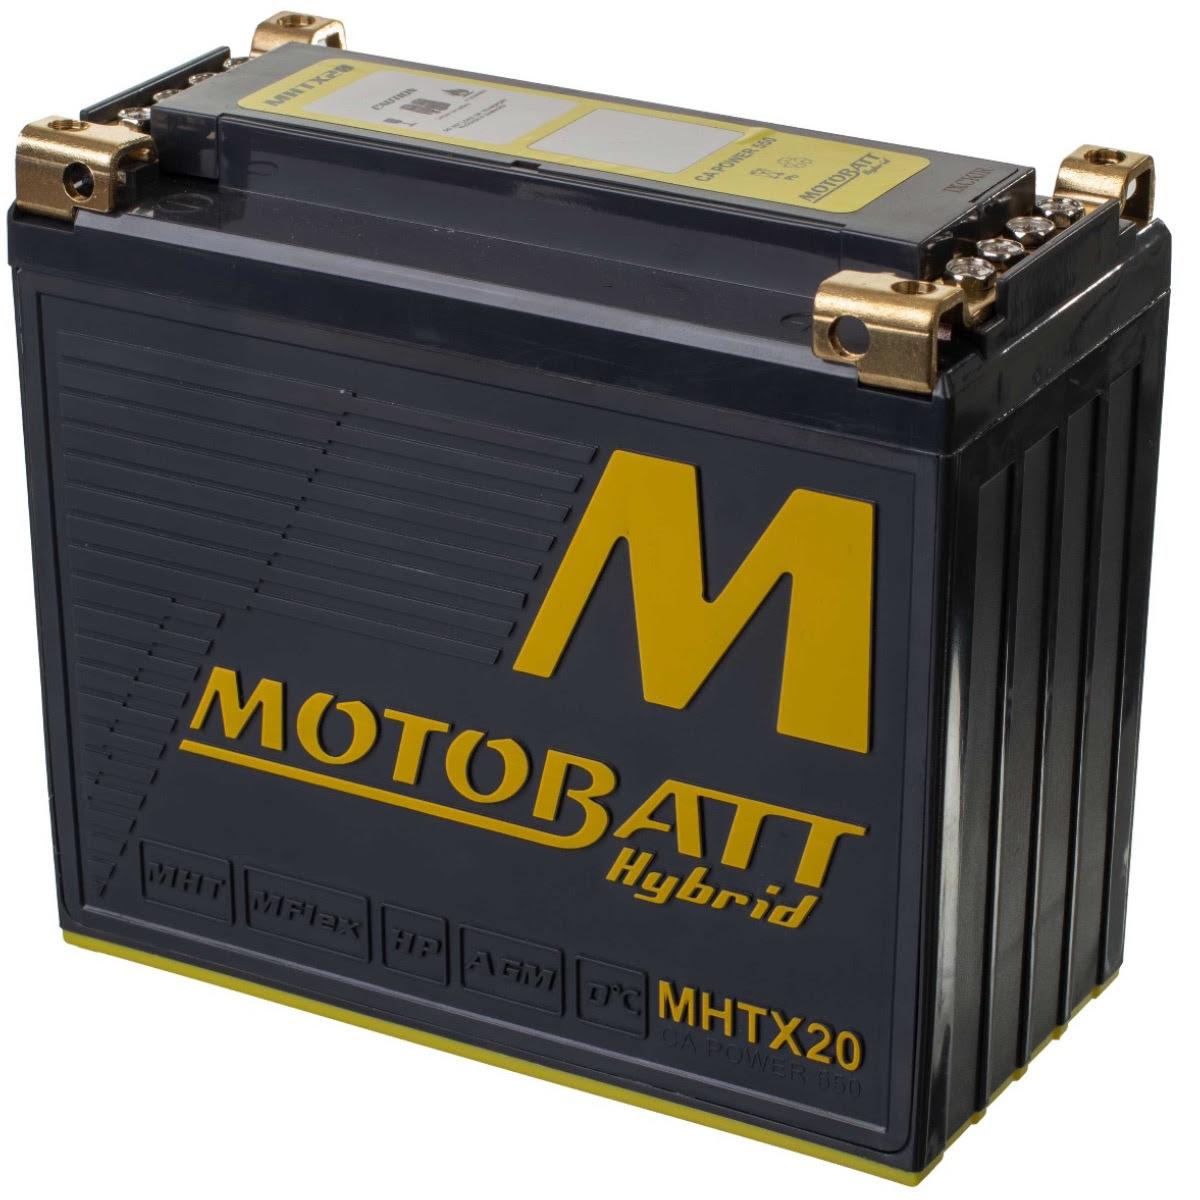 MotoBatt Hybrid